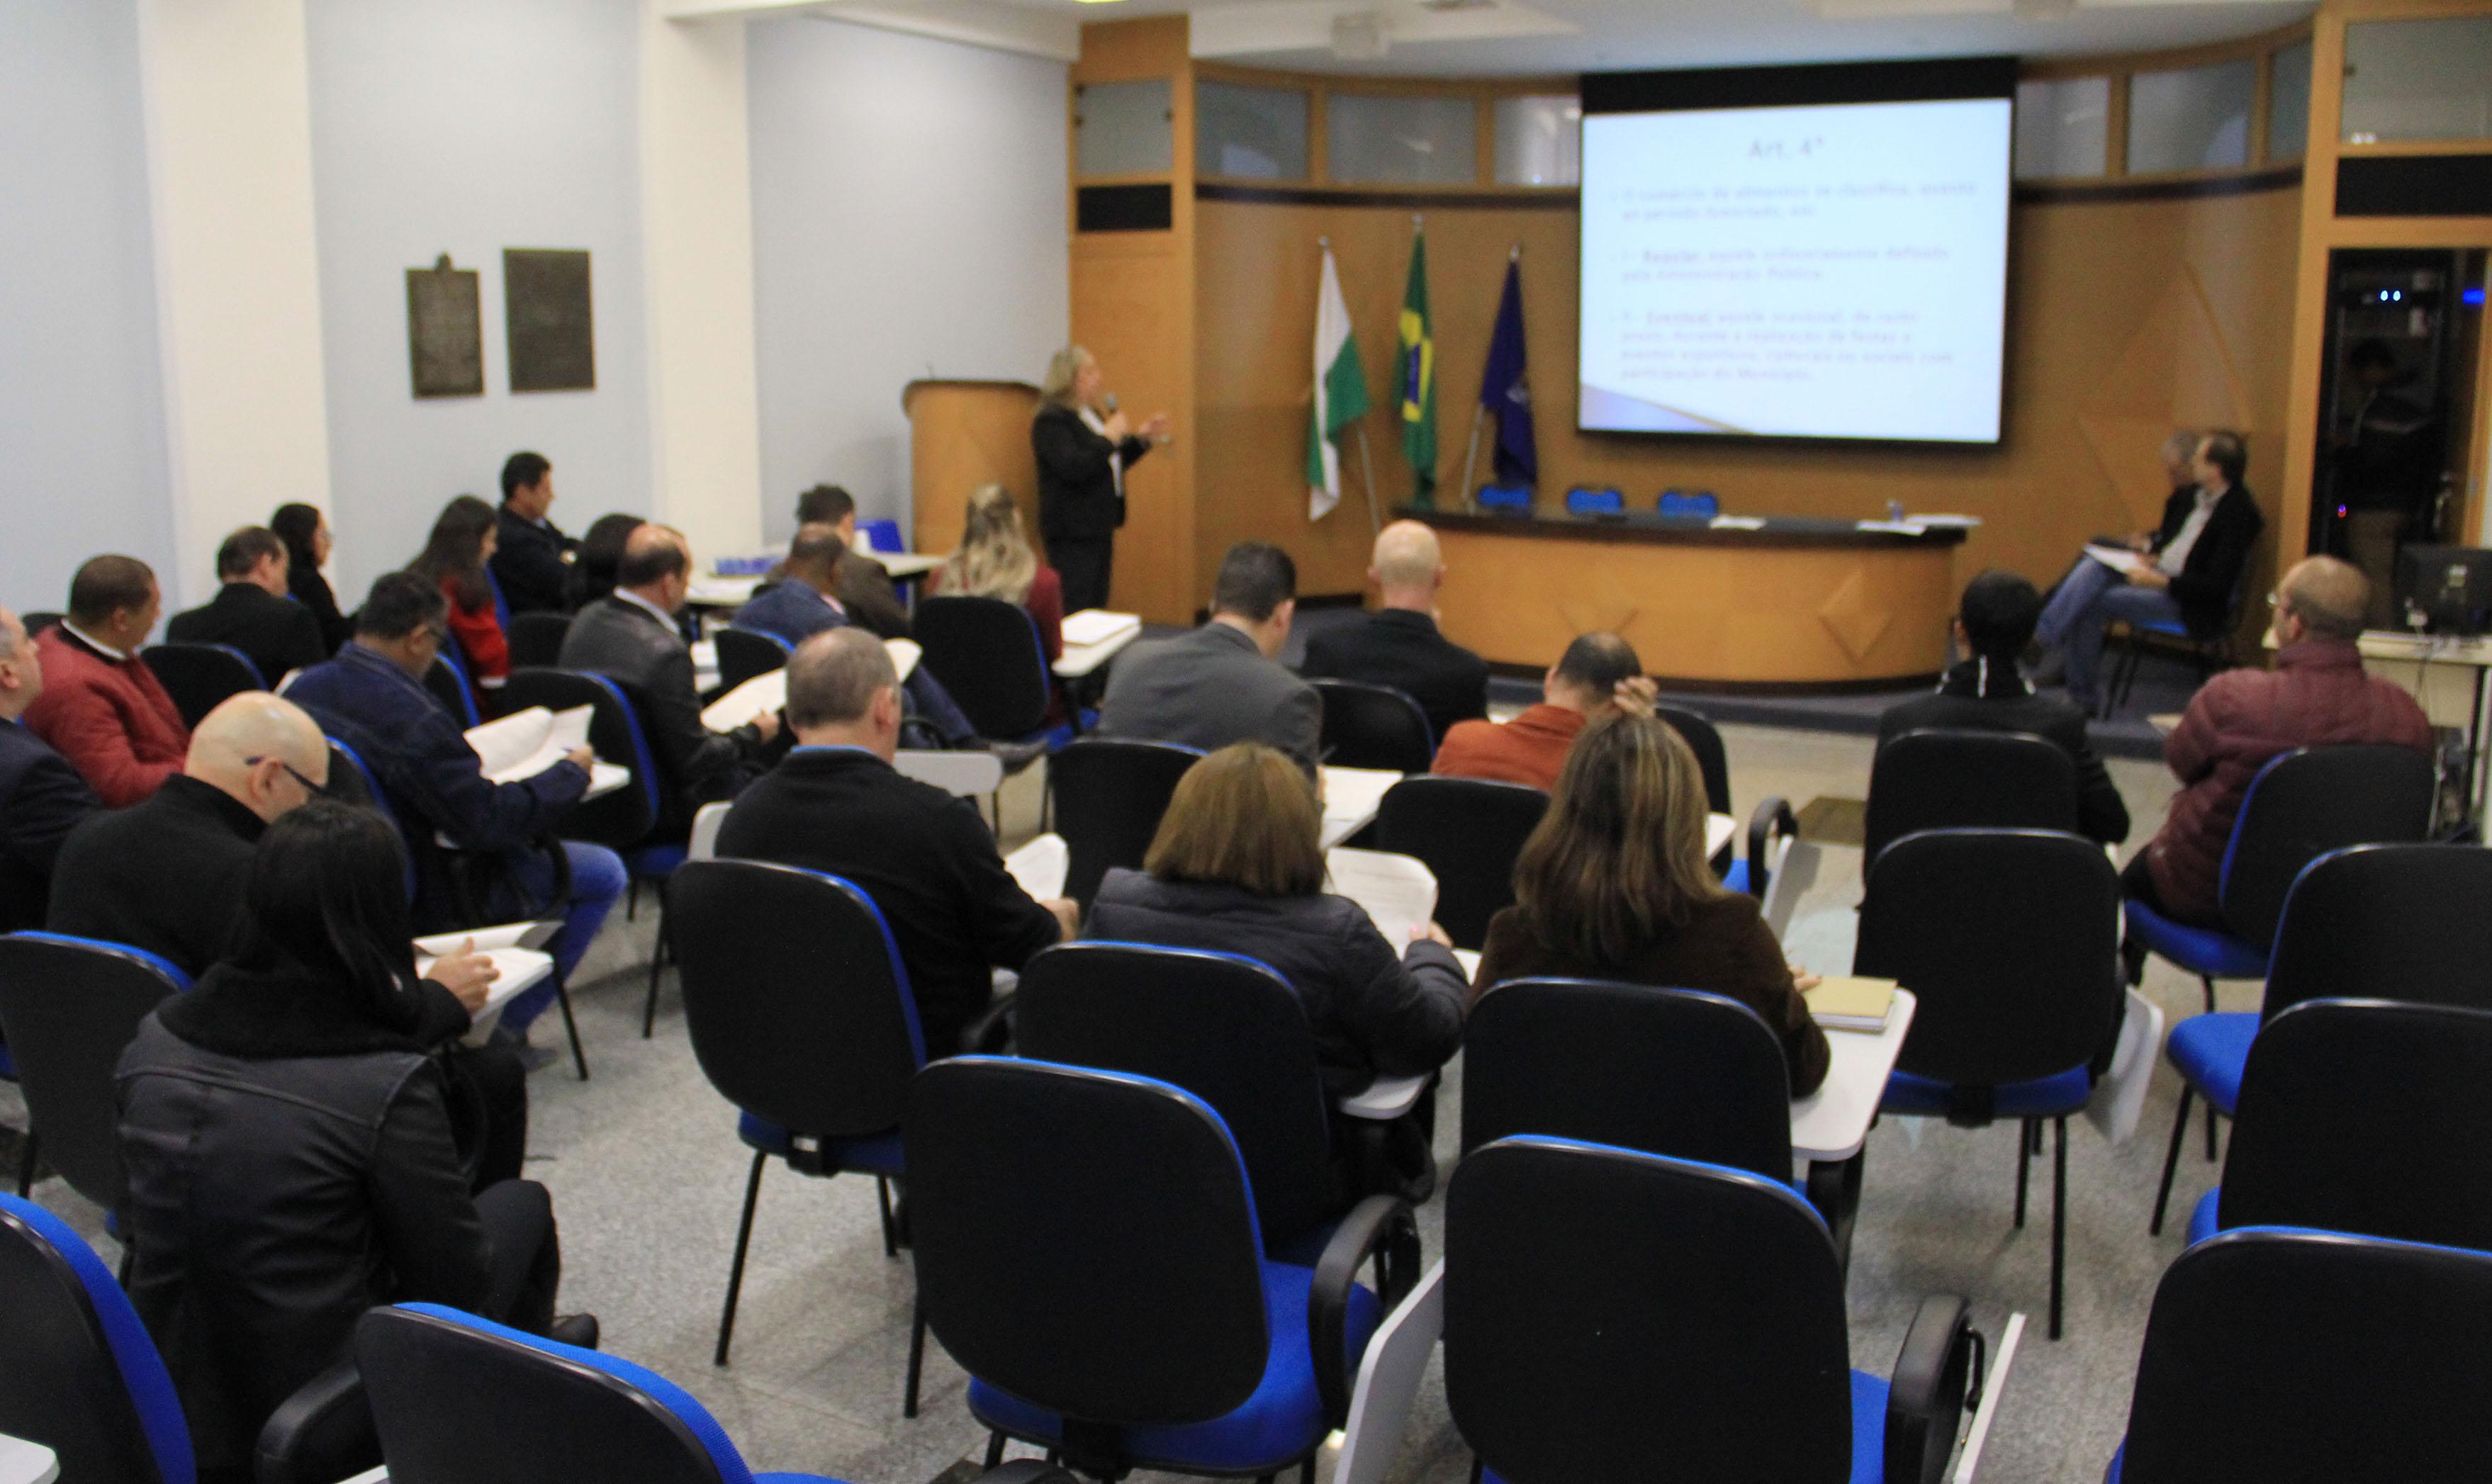 Vereadores e executivo se reúnem para debater Projeto de Lei sobre o comércio de alimentos em áreas públicas